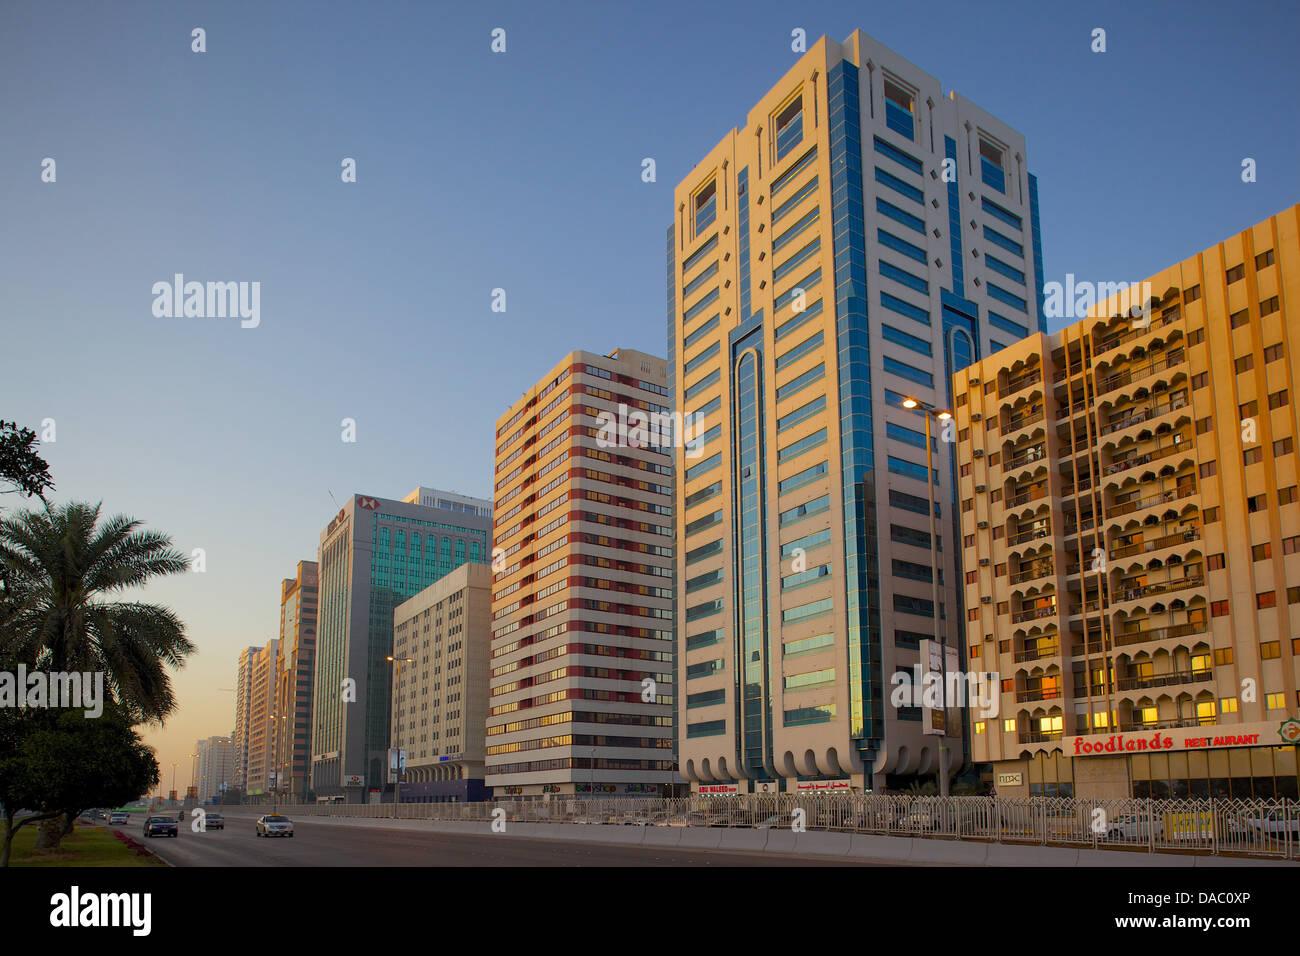 City skyline on Rashid Bin Saeed Al Maktoum Street, Abu Dhabi, United Arab Emirates, Middle East - Stock Image